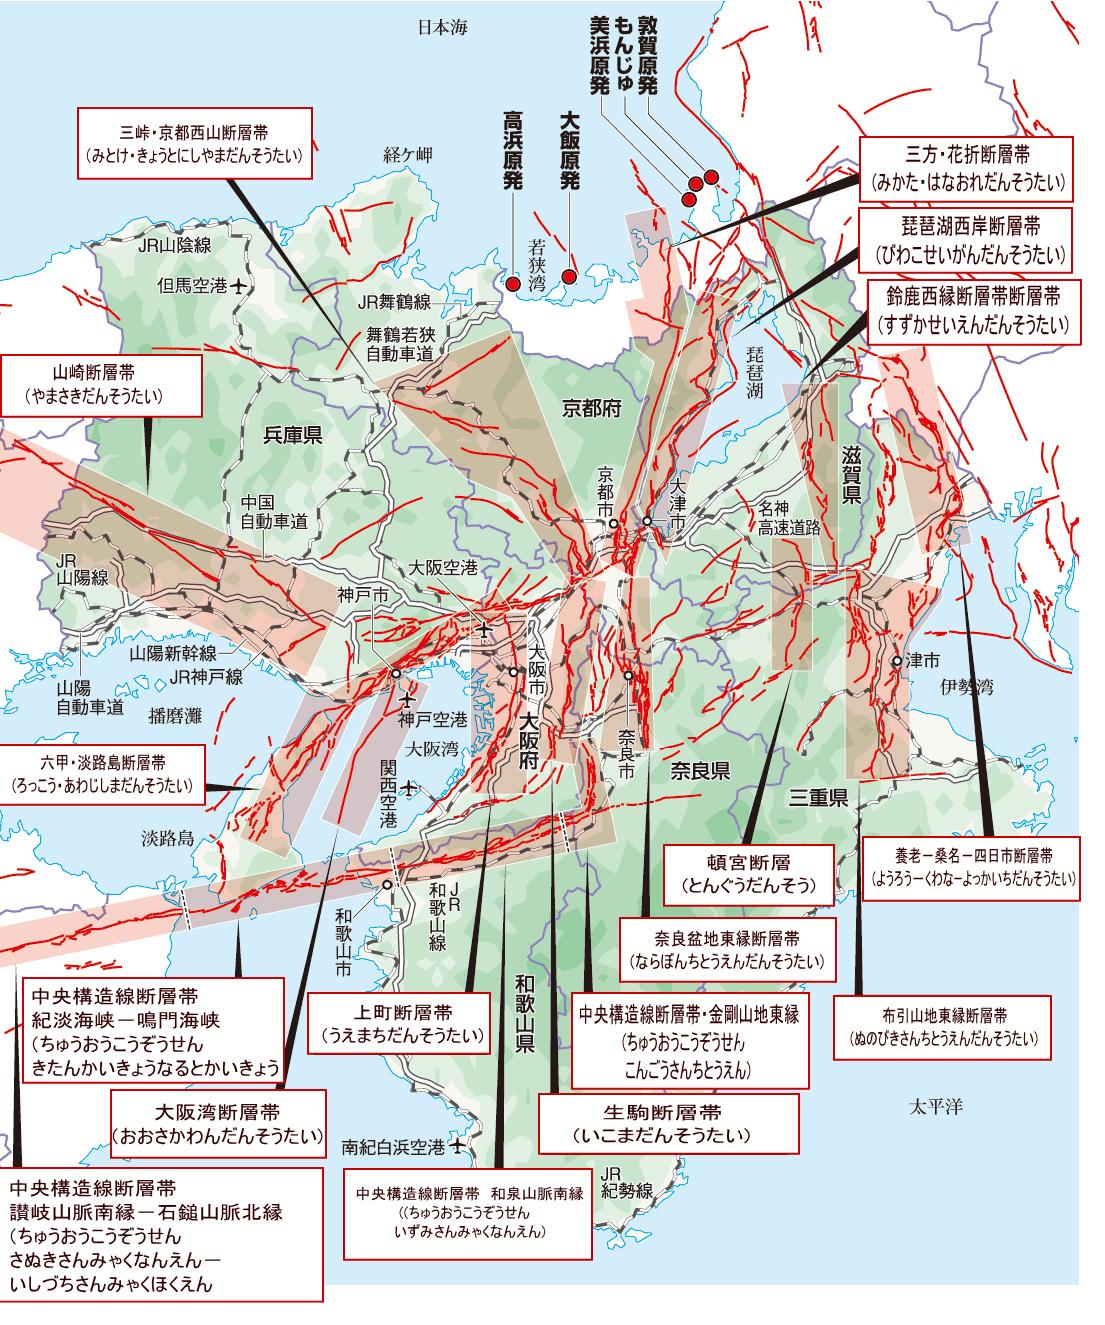 活断層図 近畿地方